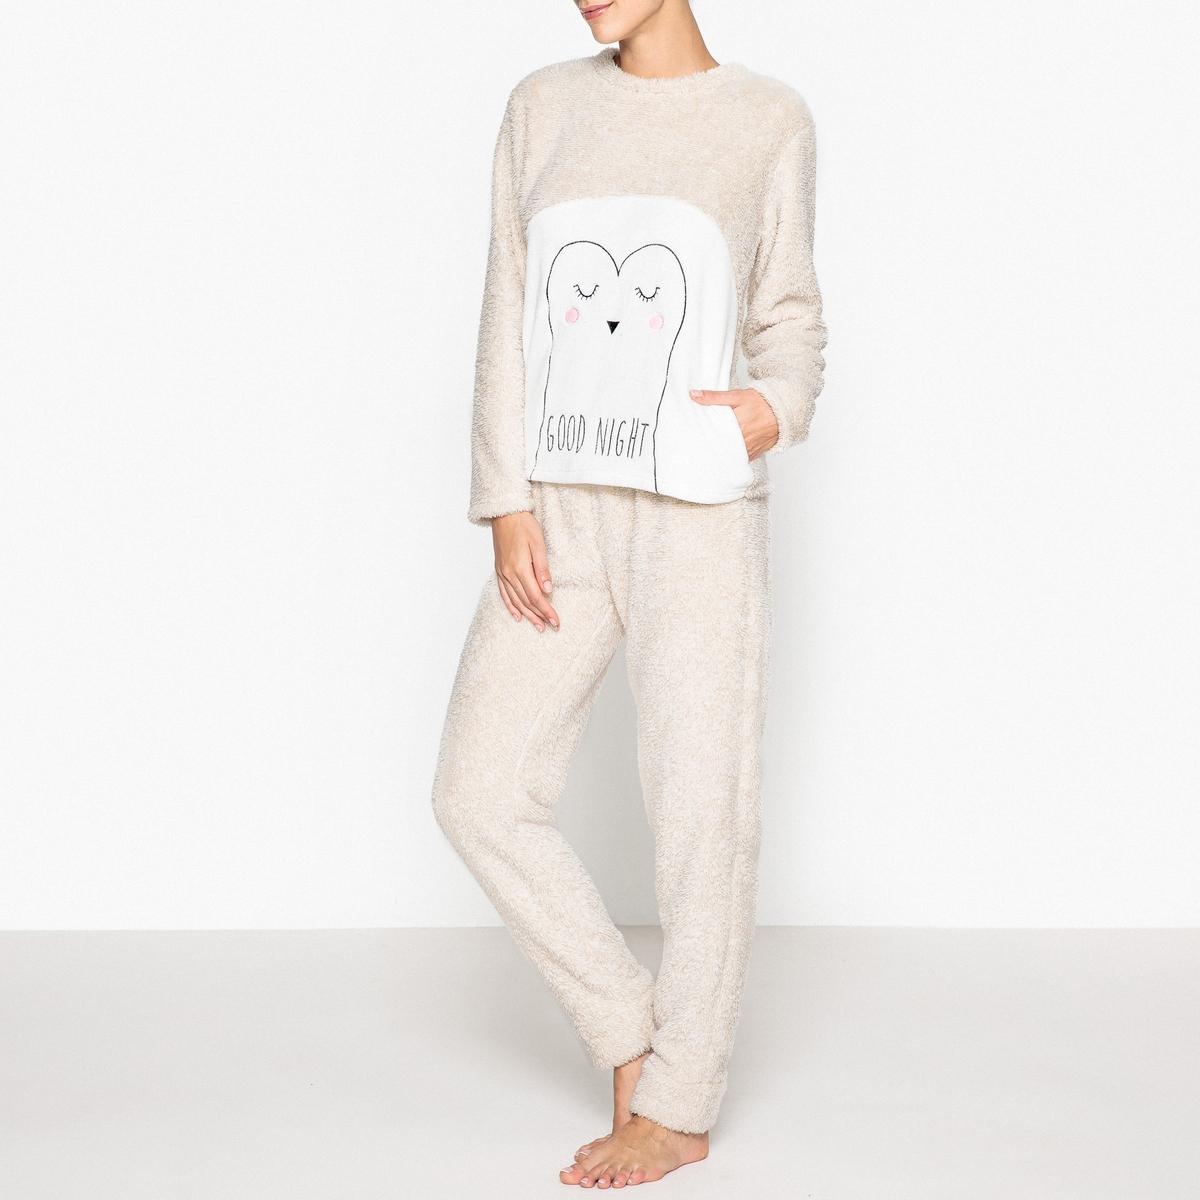 Пижама утепленнаяСтильная длинная пижама женственного покроя с вырезом-лодочкой согреет Вас при наступлении холодов: незаменима для мягкой зимы. Состав и описаниеПижама из 2 предметов. Верх с вырезом-лодочкой, длинными рукавами и разрезами по бокам.Брюки с эластичным поясом.Материал : 100% полиэстерУход : Стирать с вещами схожих цветов..Стирать с изнаночной стороны при 30°Машинная сушка запрещена<br><br>Цвет: бежевый<br>Размер: 34/36 (FR) - 40/42 (RUS)